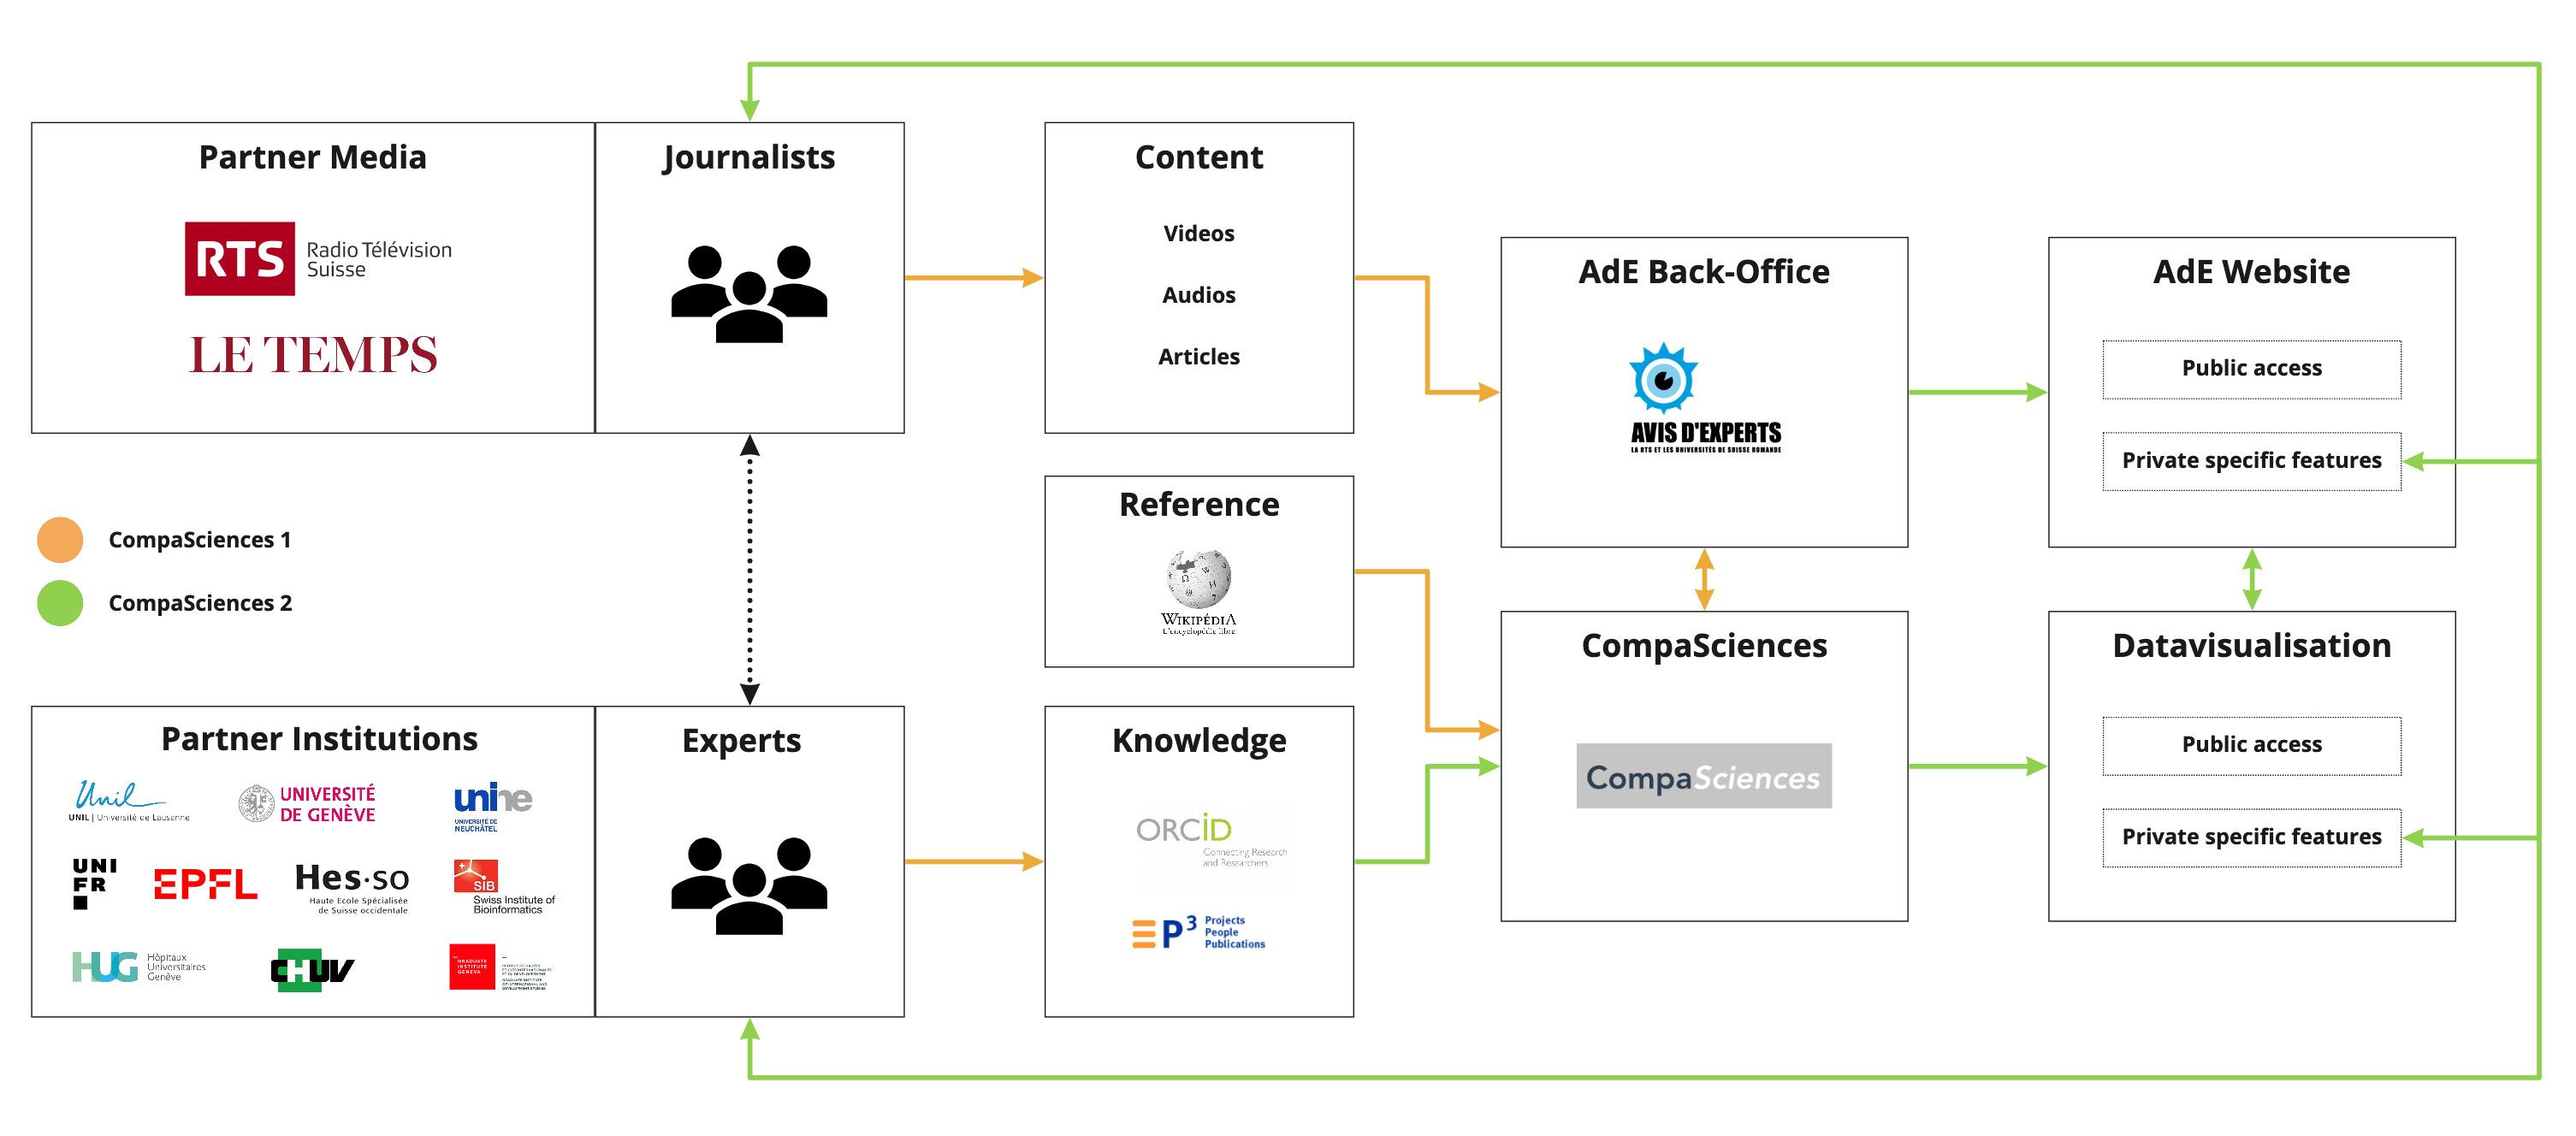 L'architecture du projet CompaSciences, avec les partenaires et la mécanique des données